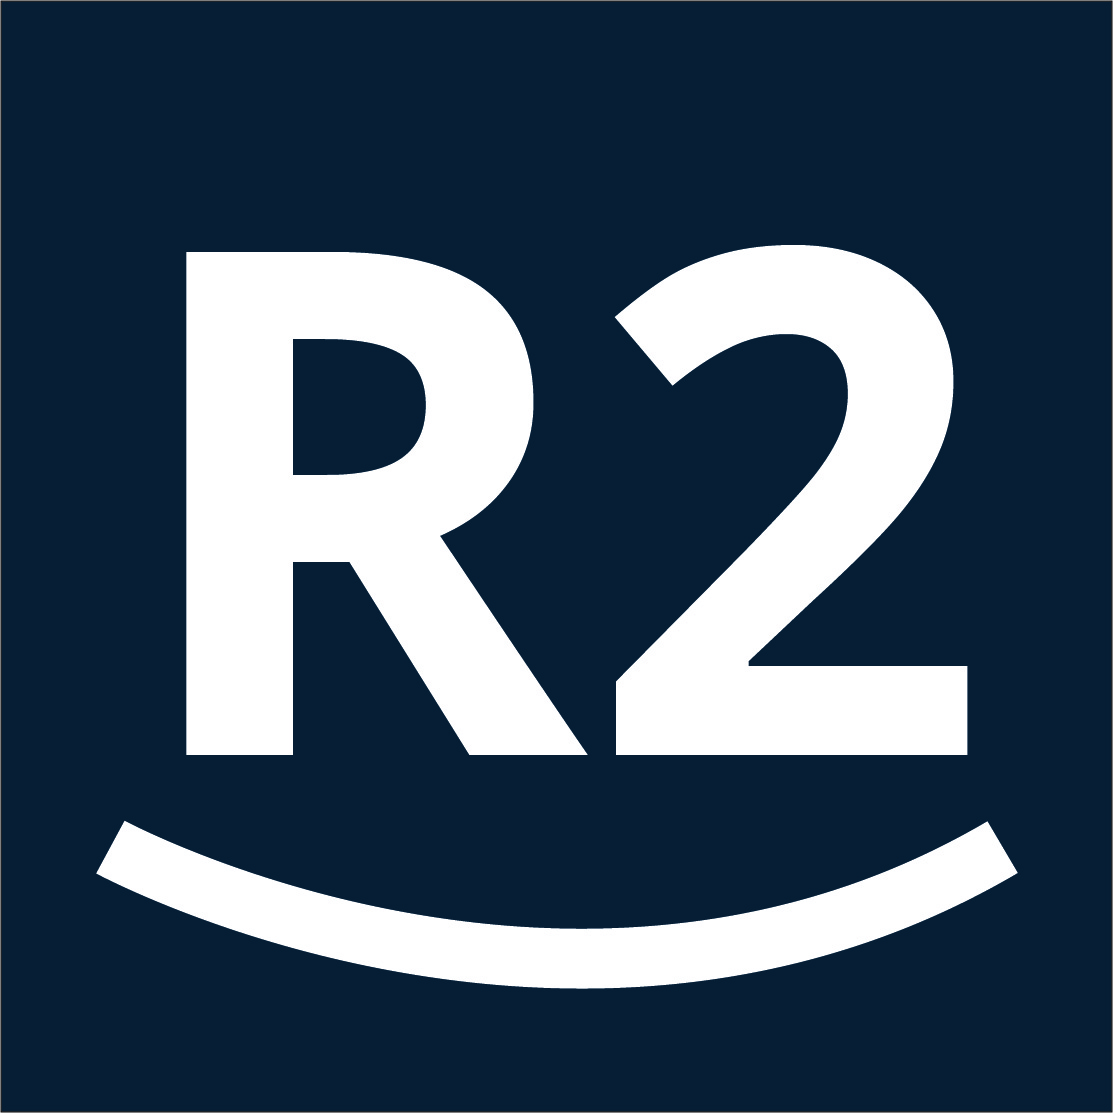 Can negotiate radius 2 R2 curves